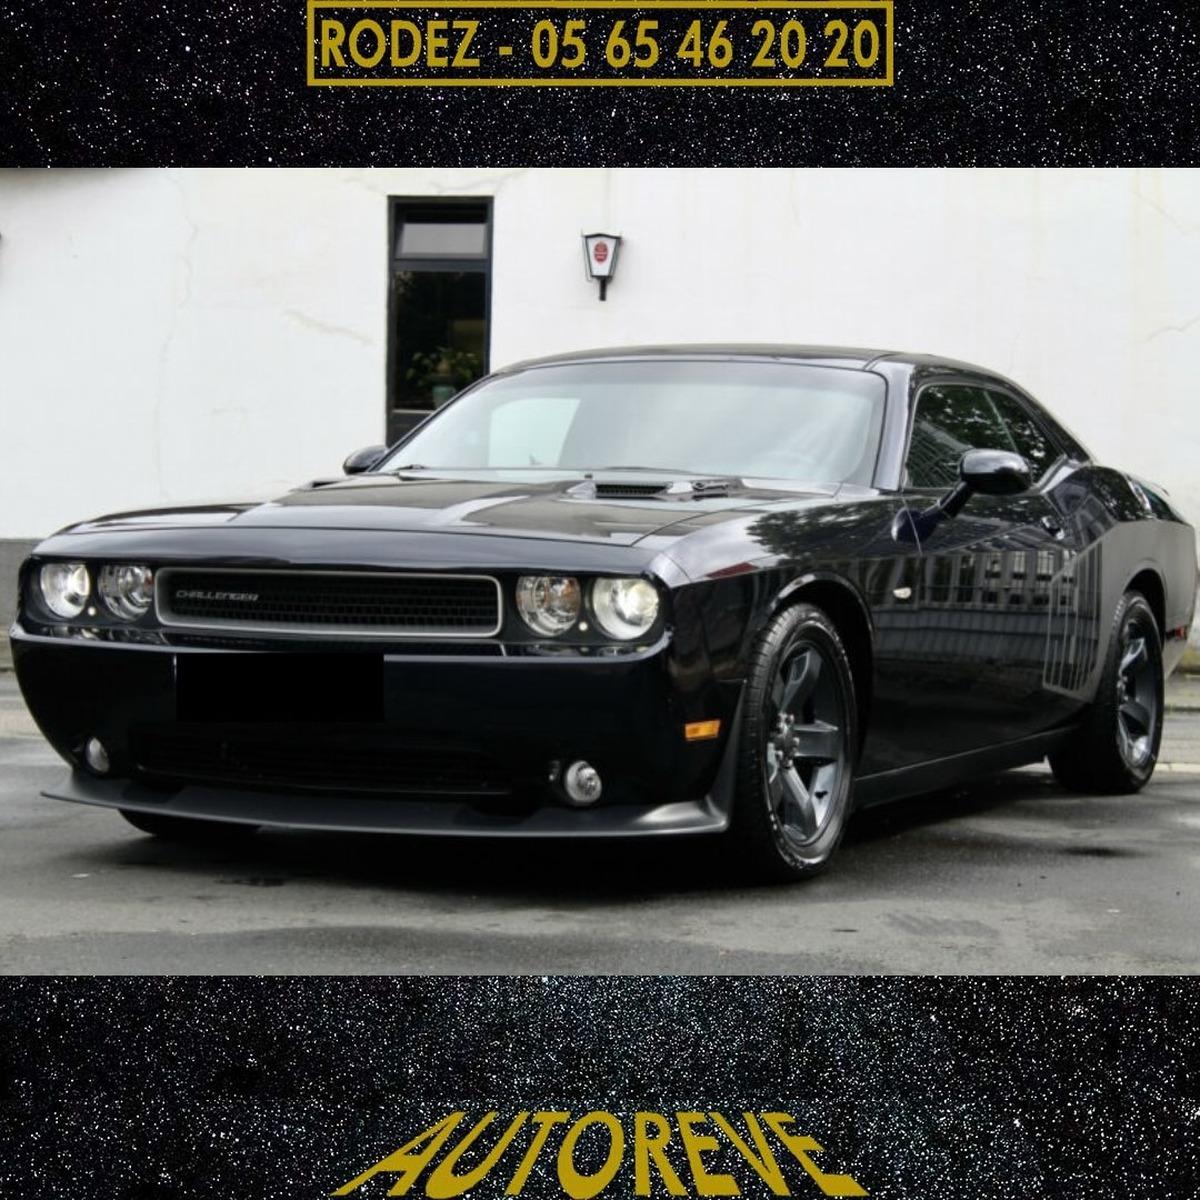 Dodge Challenger 5.7 R/T HEMI V8